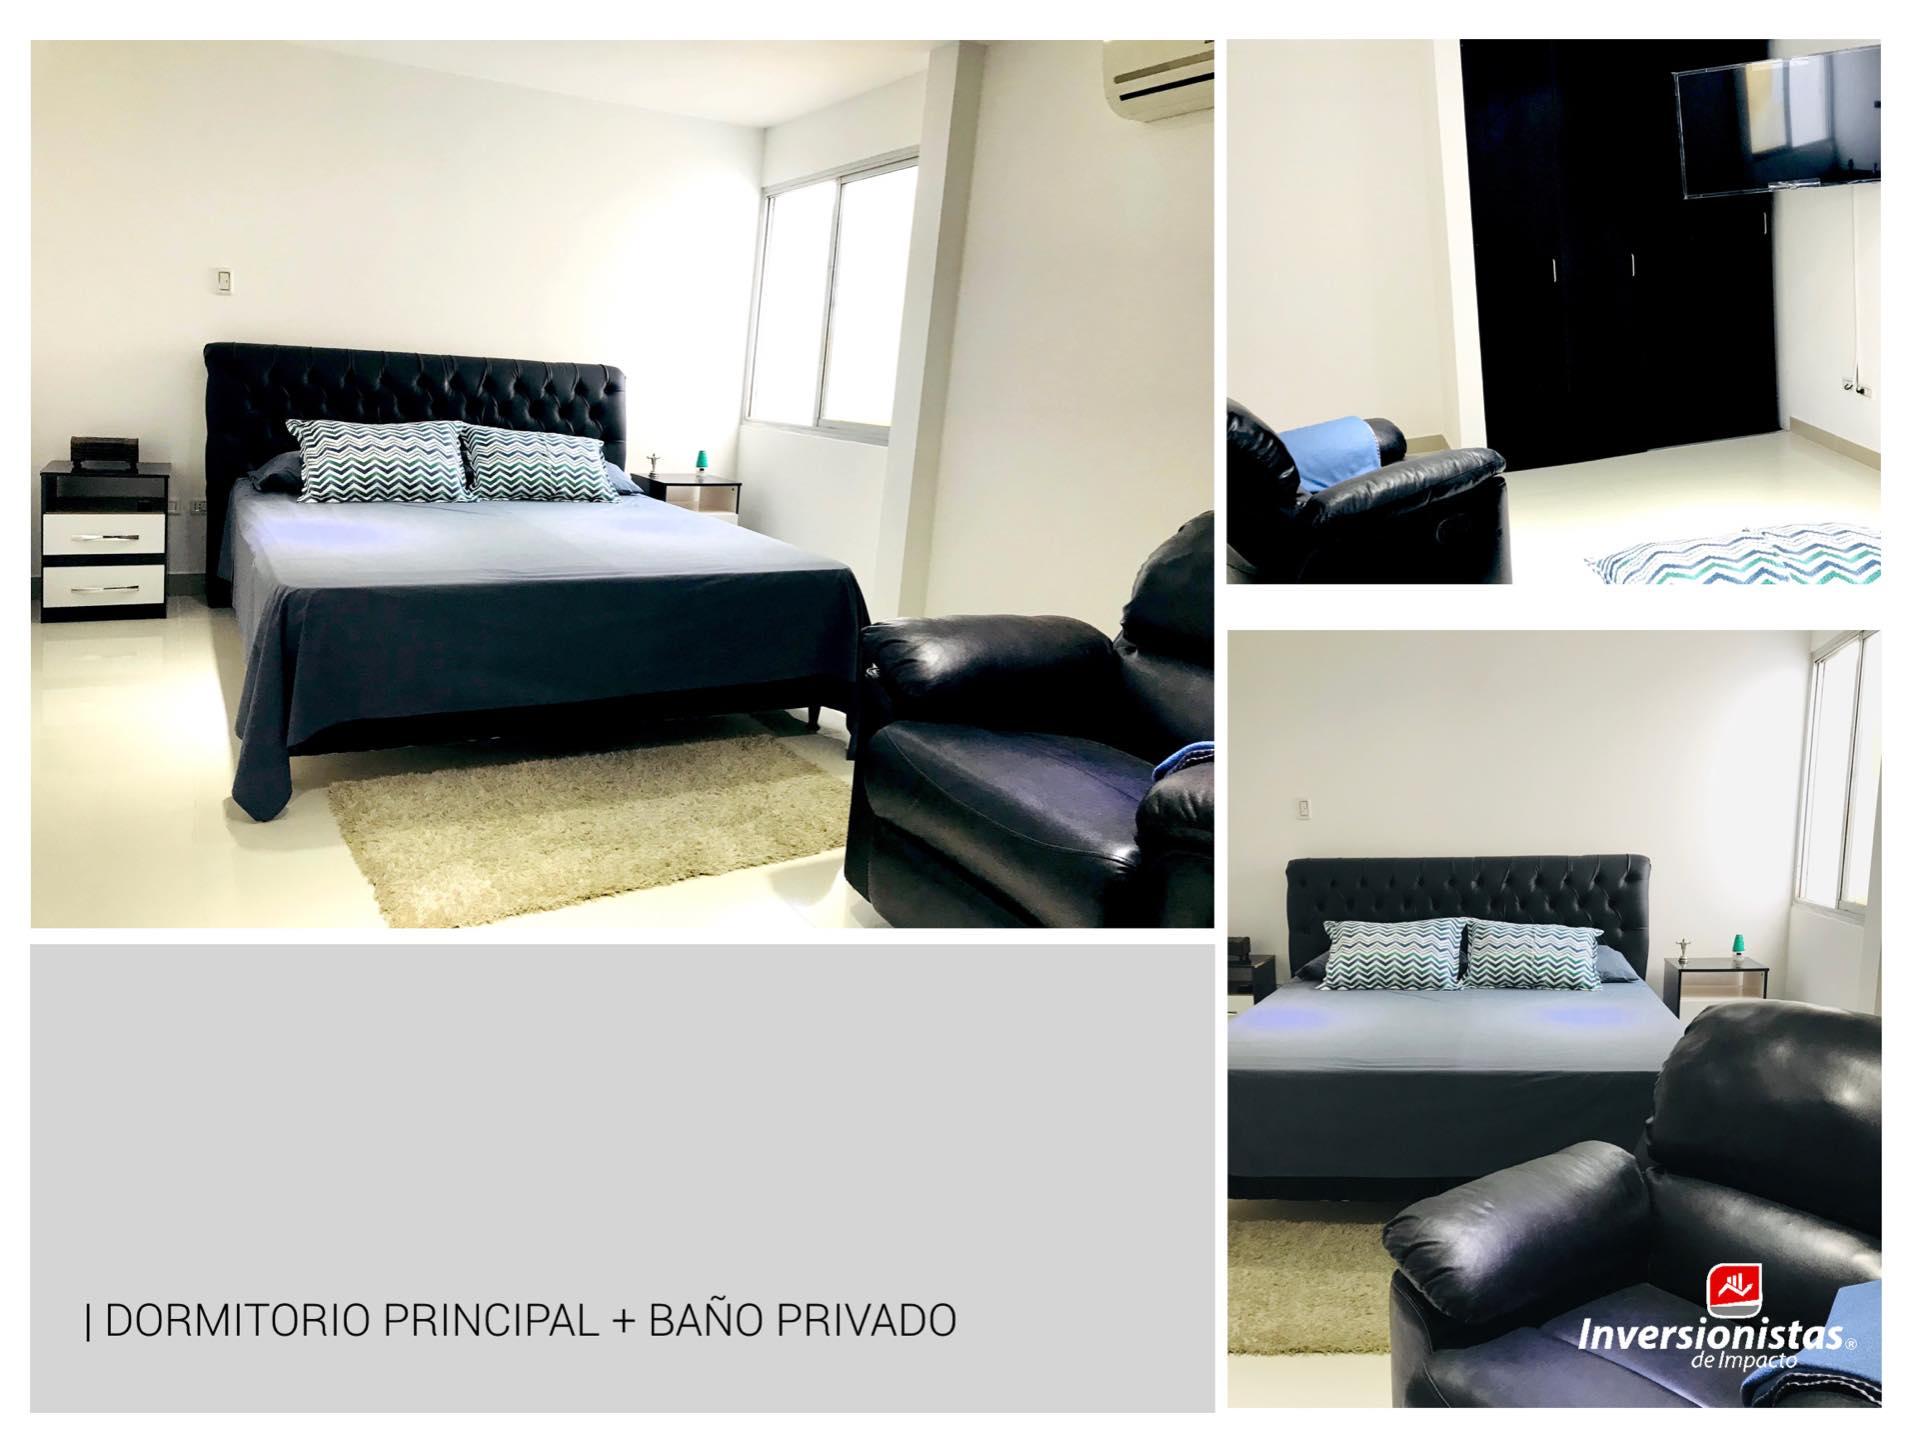 Departamento en Alquiler Condominio TORRE DELTA, EQUIPETROL, ubicación estratégica. Foto 8